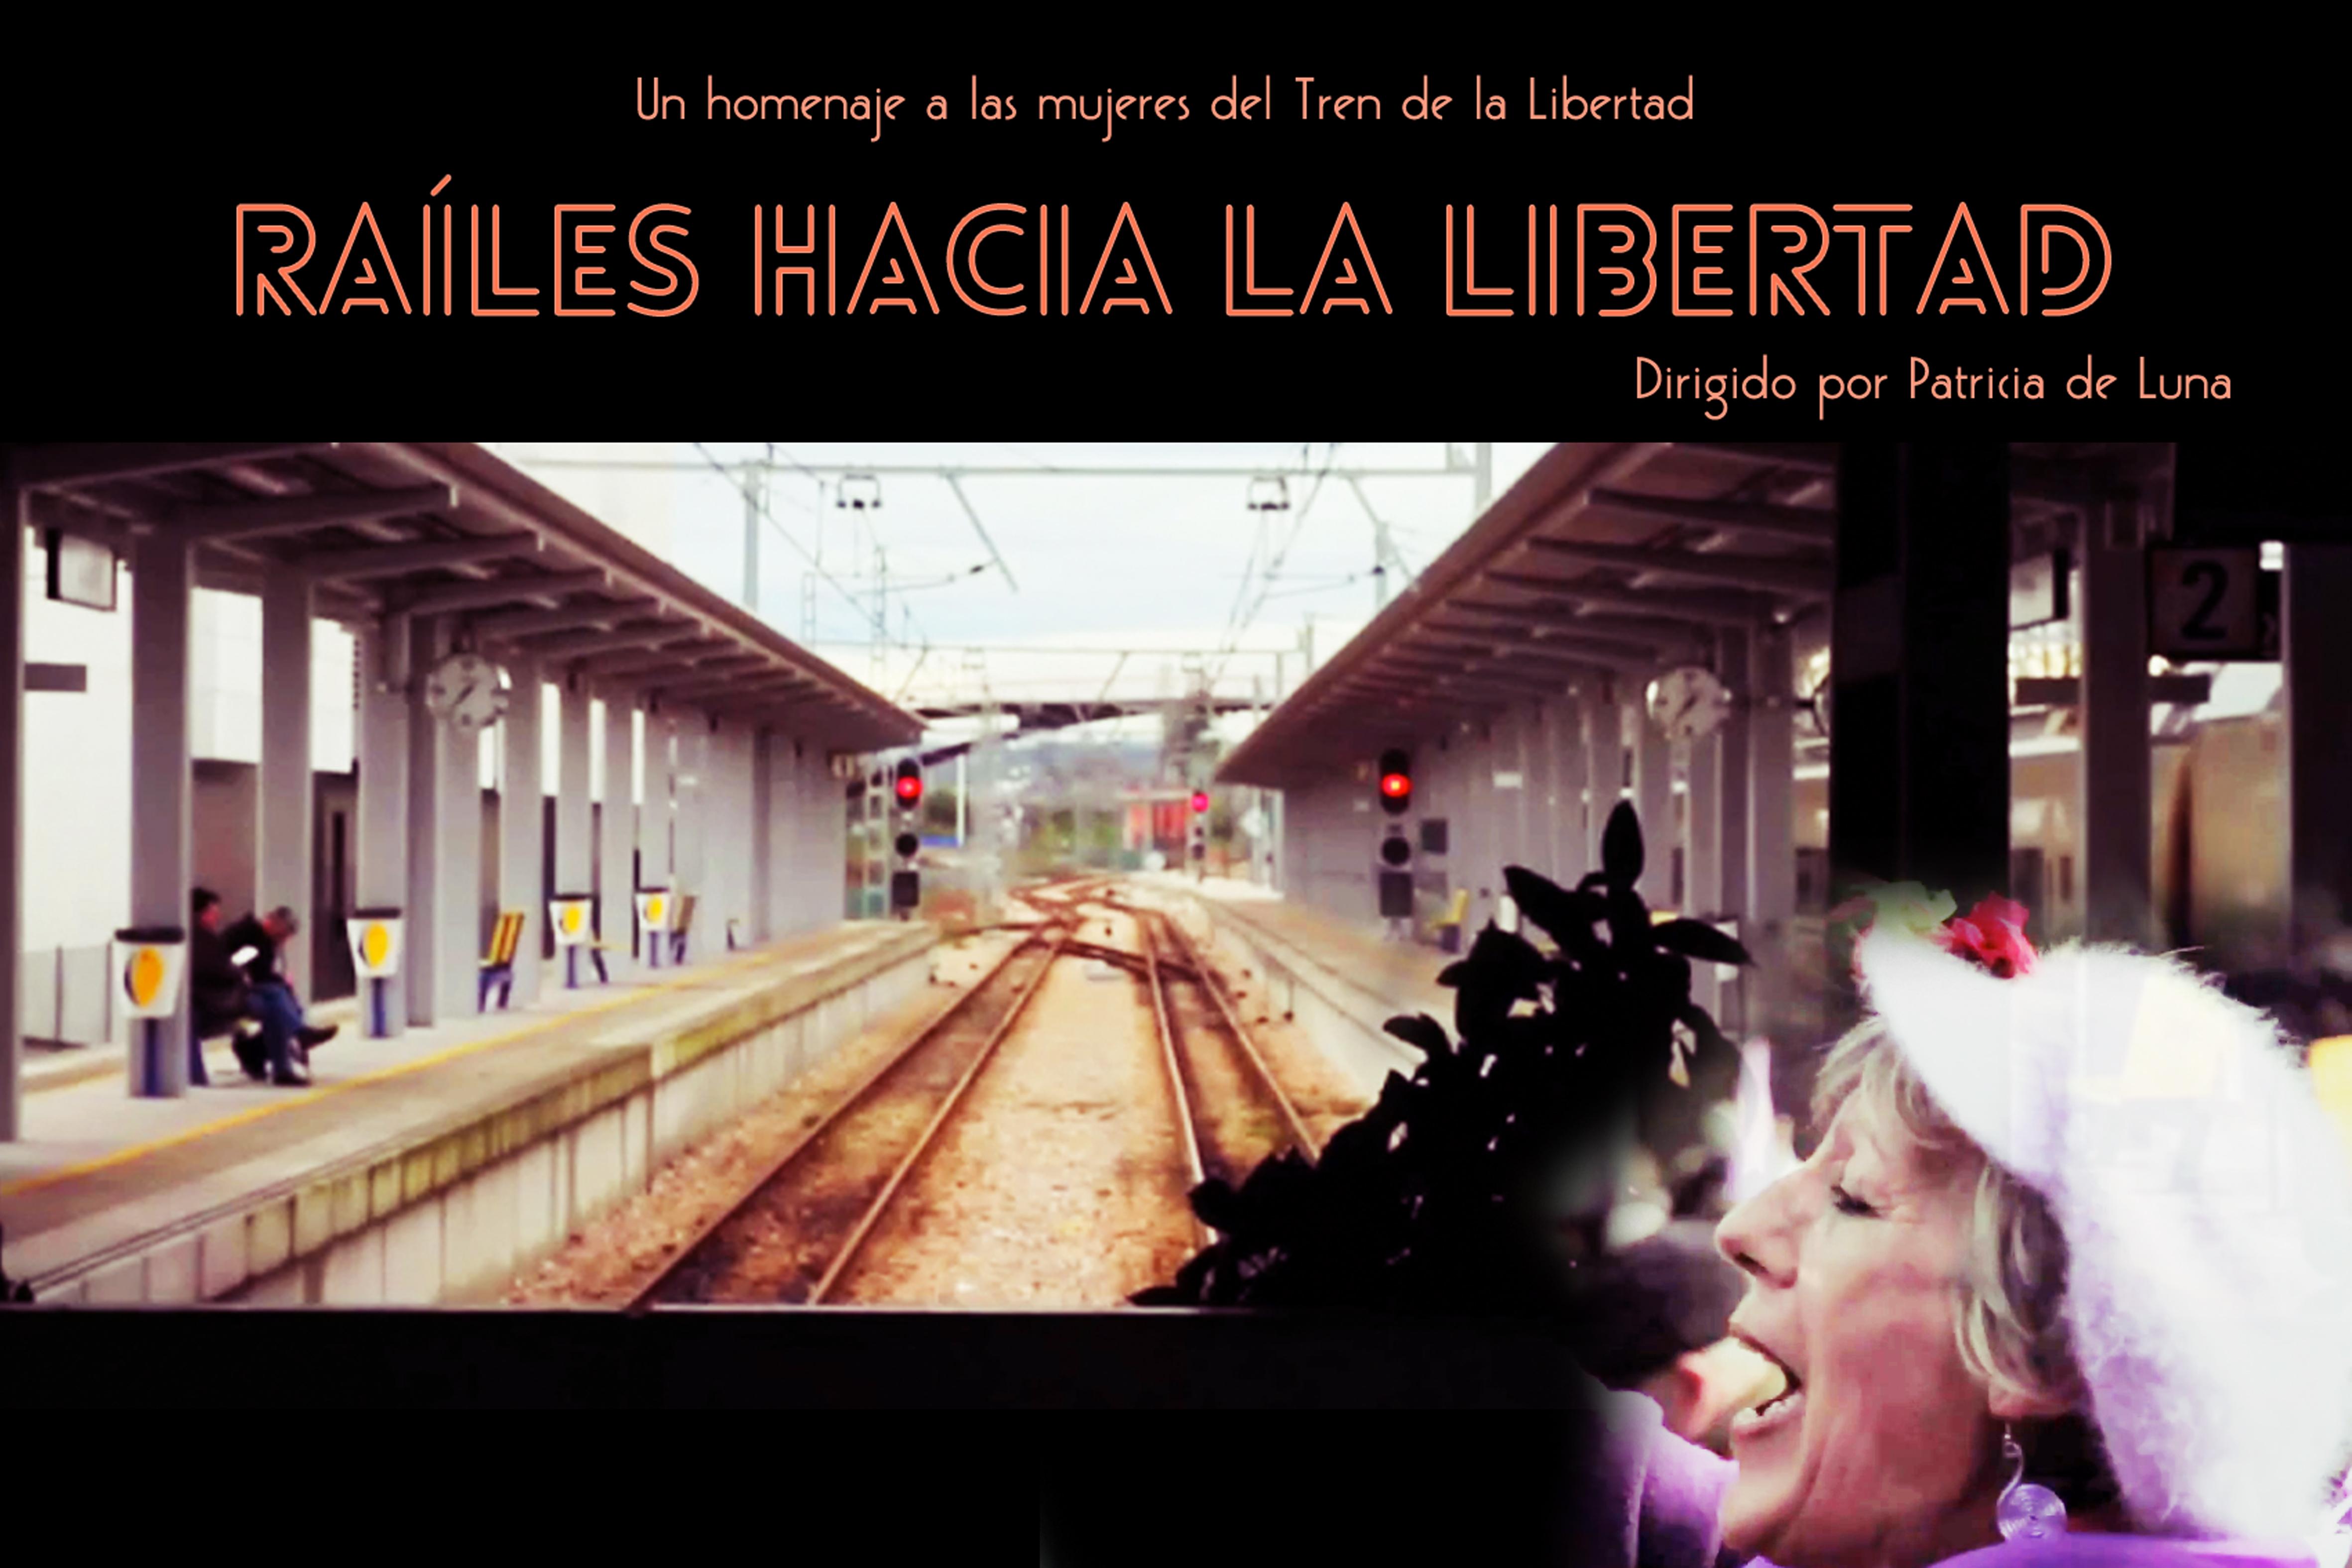 """Un tren lleno de mujeres que gritan libertad, un pequeño movimiento que parte desde Gijón se convierte en todo un acontecimiento en todo el país. El tren termina en Madrid con una multitud de personas gritando por la libertad sobre el derecho de las mujeres a decidir sobre el aborto. Como una de las protagonistas dice """"nos rejuvenecieron """",porque es un derecho por el que las mujeres han luchado en este país para que ahora nos lo quiten a decretazos . El tren de la libertad como ellas lo llamaron es un tren lleno de mujeres valientes que no dudan en ir a alzar la voz que les quitaron a Madrid donde se encuentra el Gobierno central. Con un montaje poético que pretende ser un viaje hacia la libertad por el derecho a decidir."""